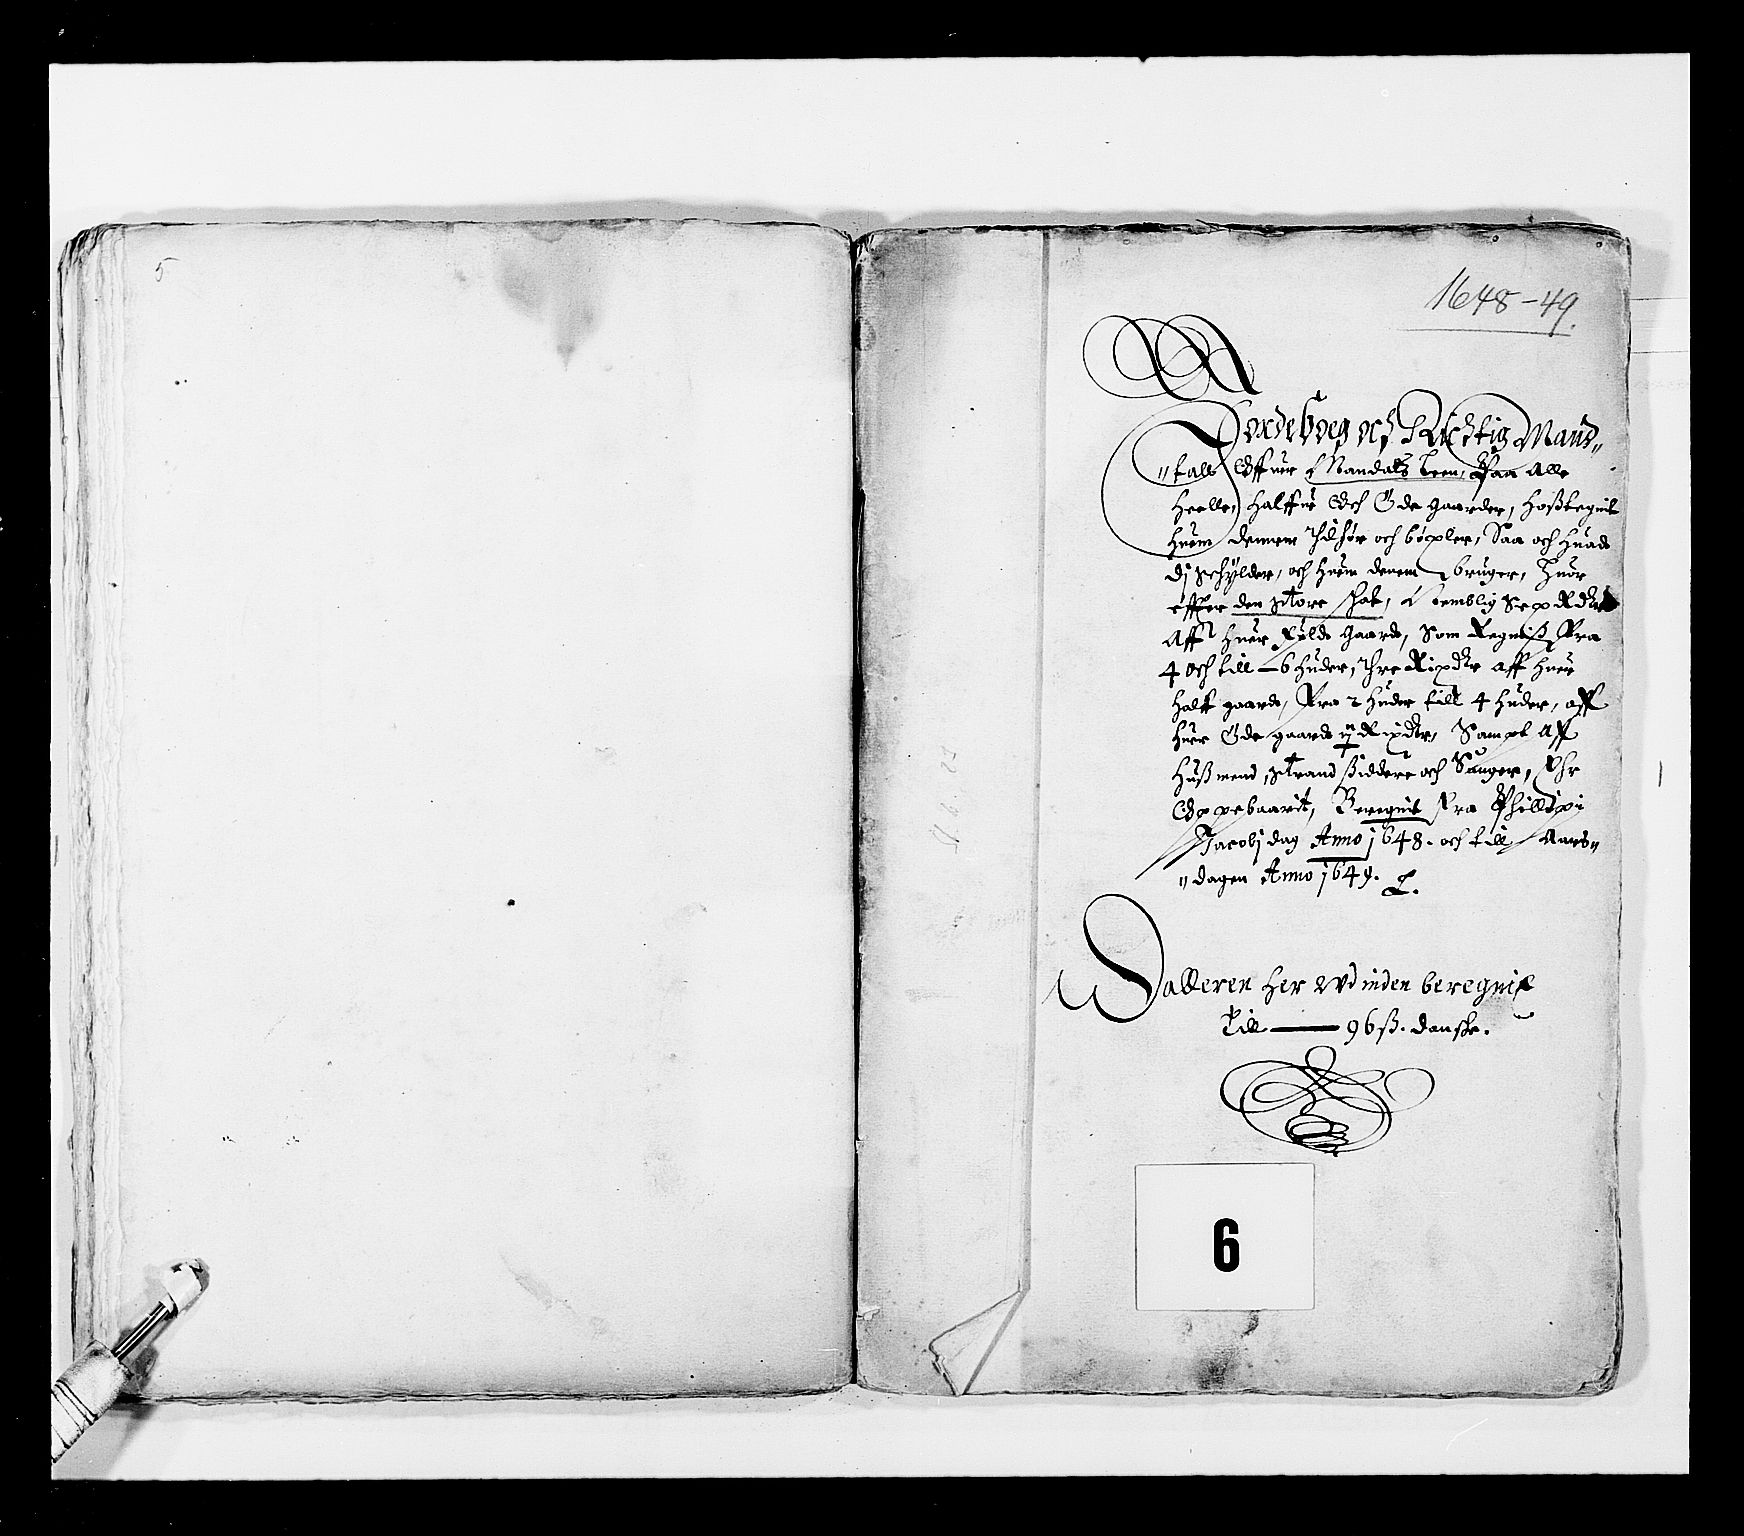 RA, Stattholderembetet 1572-1771, Ek/L0023: Jordebøker 1633-1658:, 1648-1649, s. 51